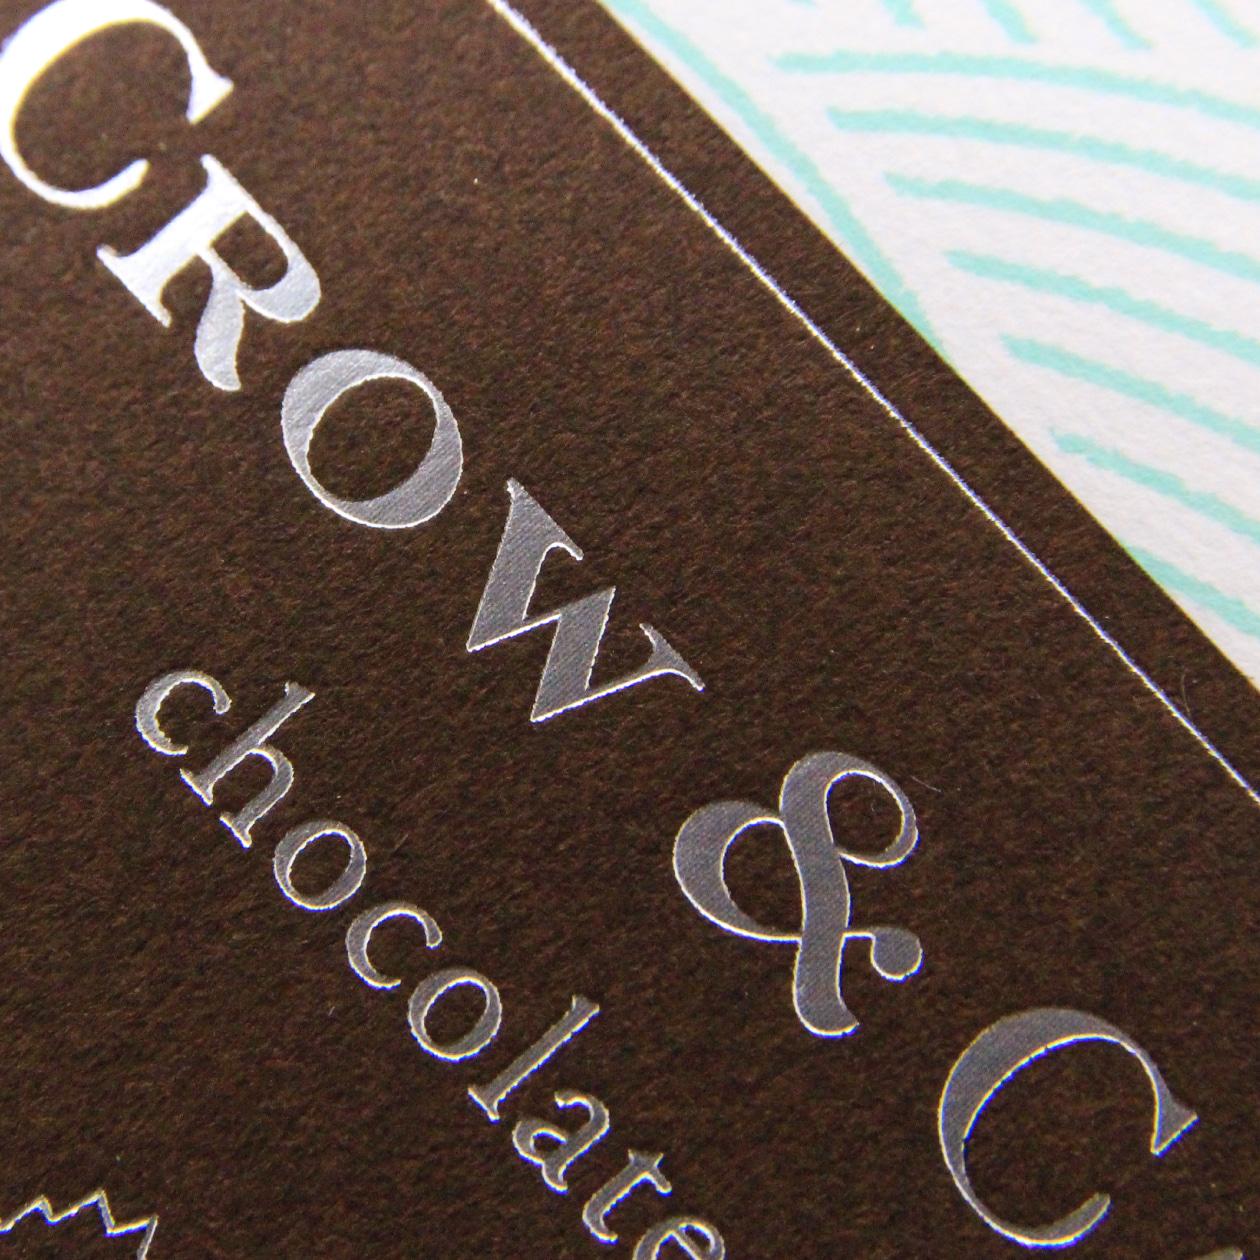 チョコレートショップのパッケージラベル